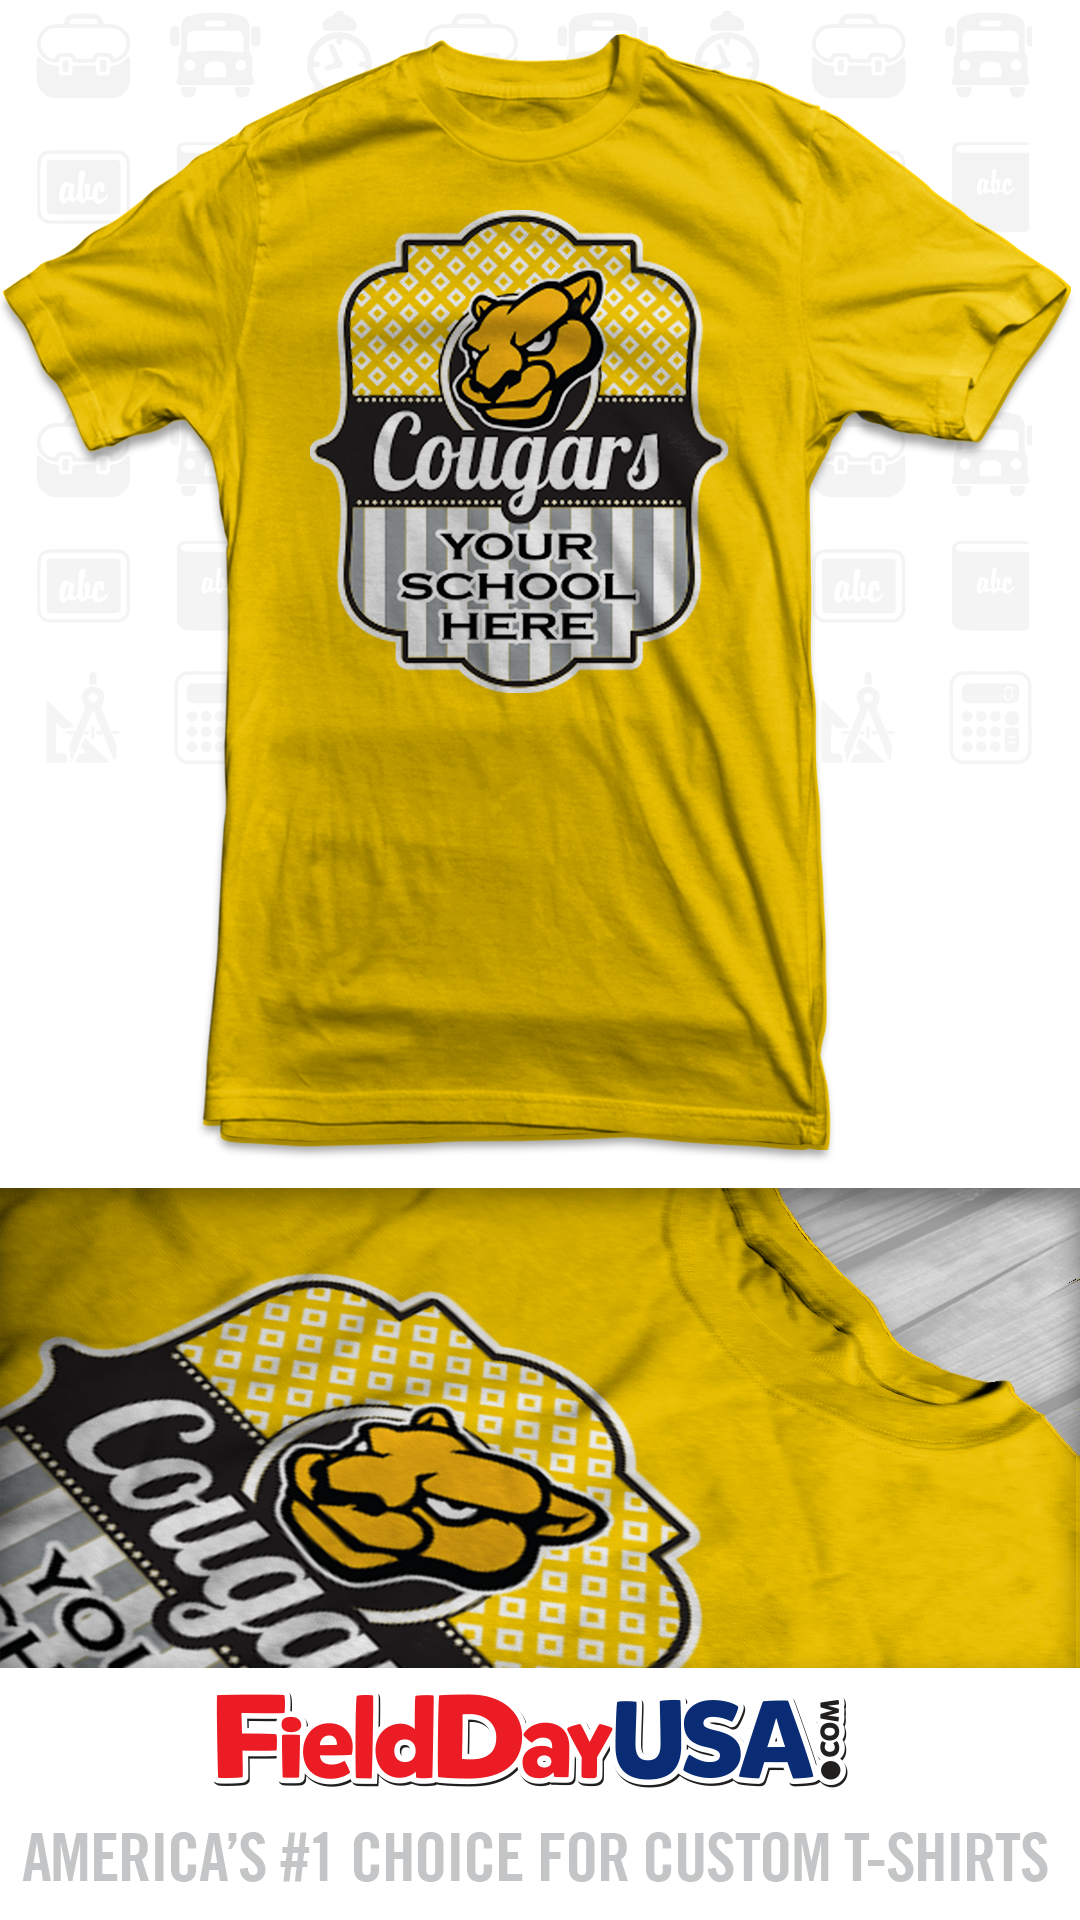 T shirt design ideas for schools - School Mascot T Shirt Mas16 08